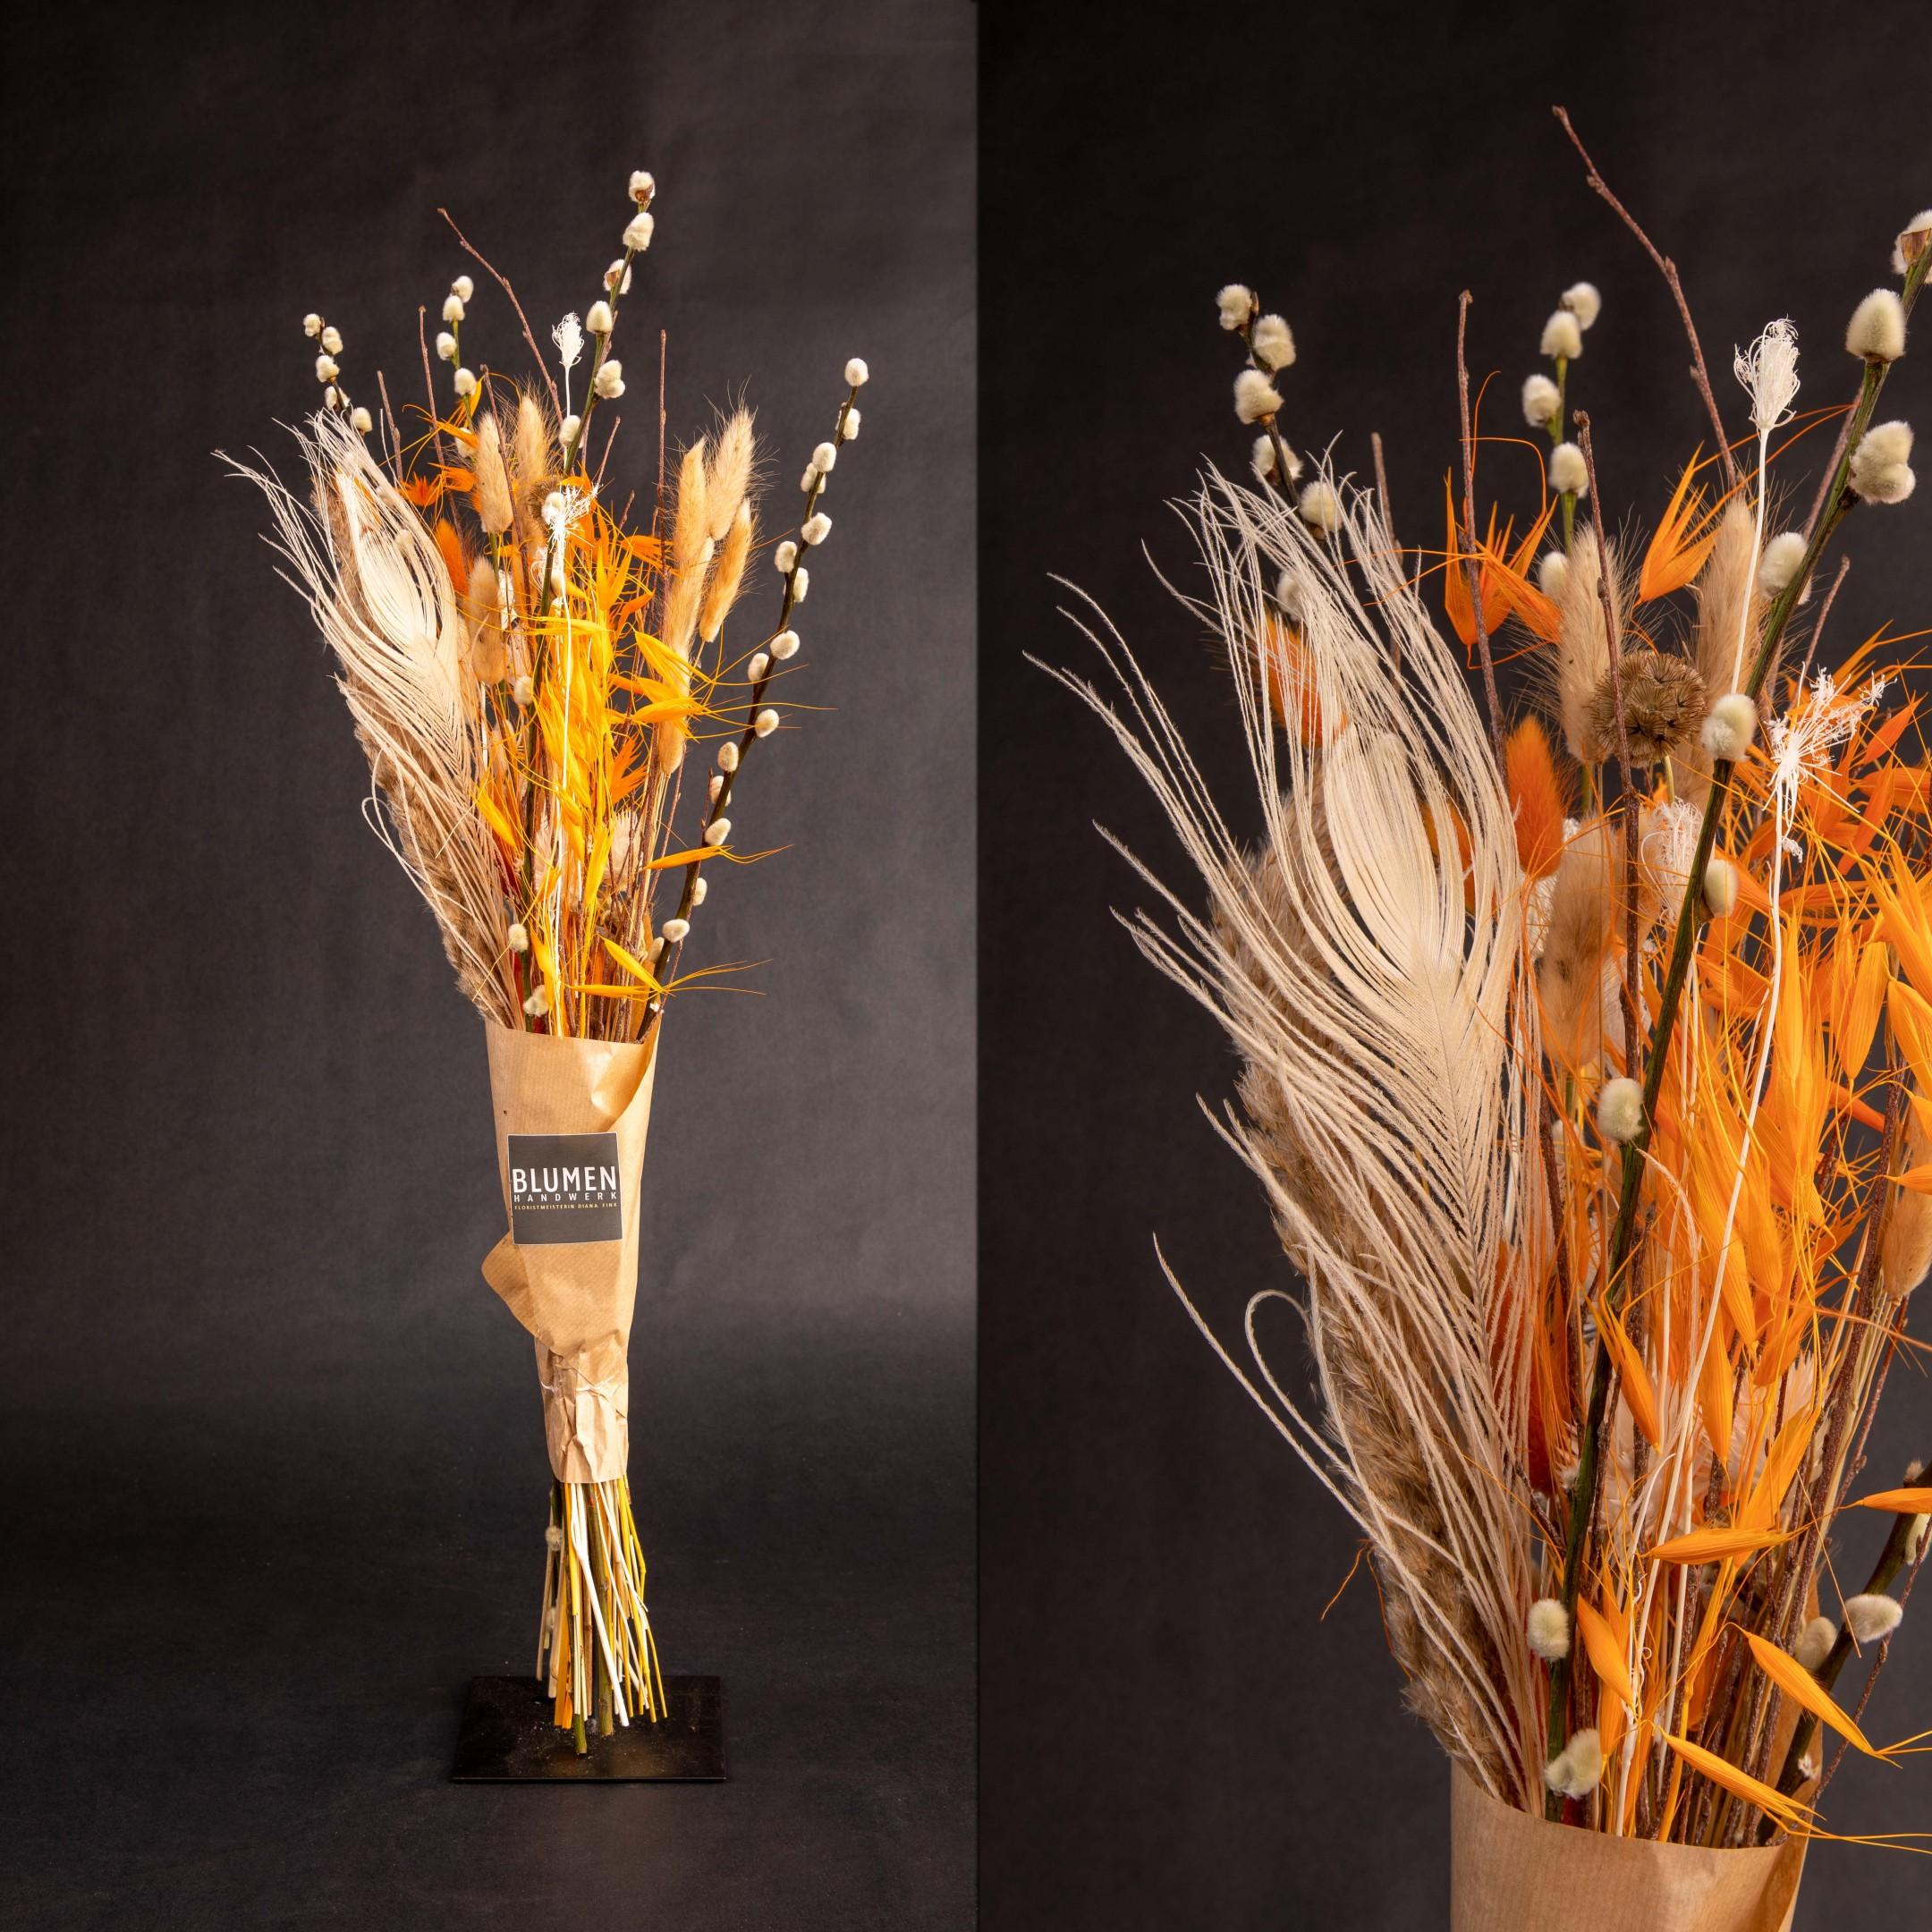 Trockenblumenbund Lichtstrahlen Bild 1